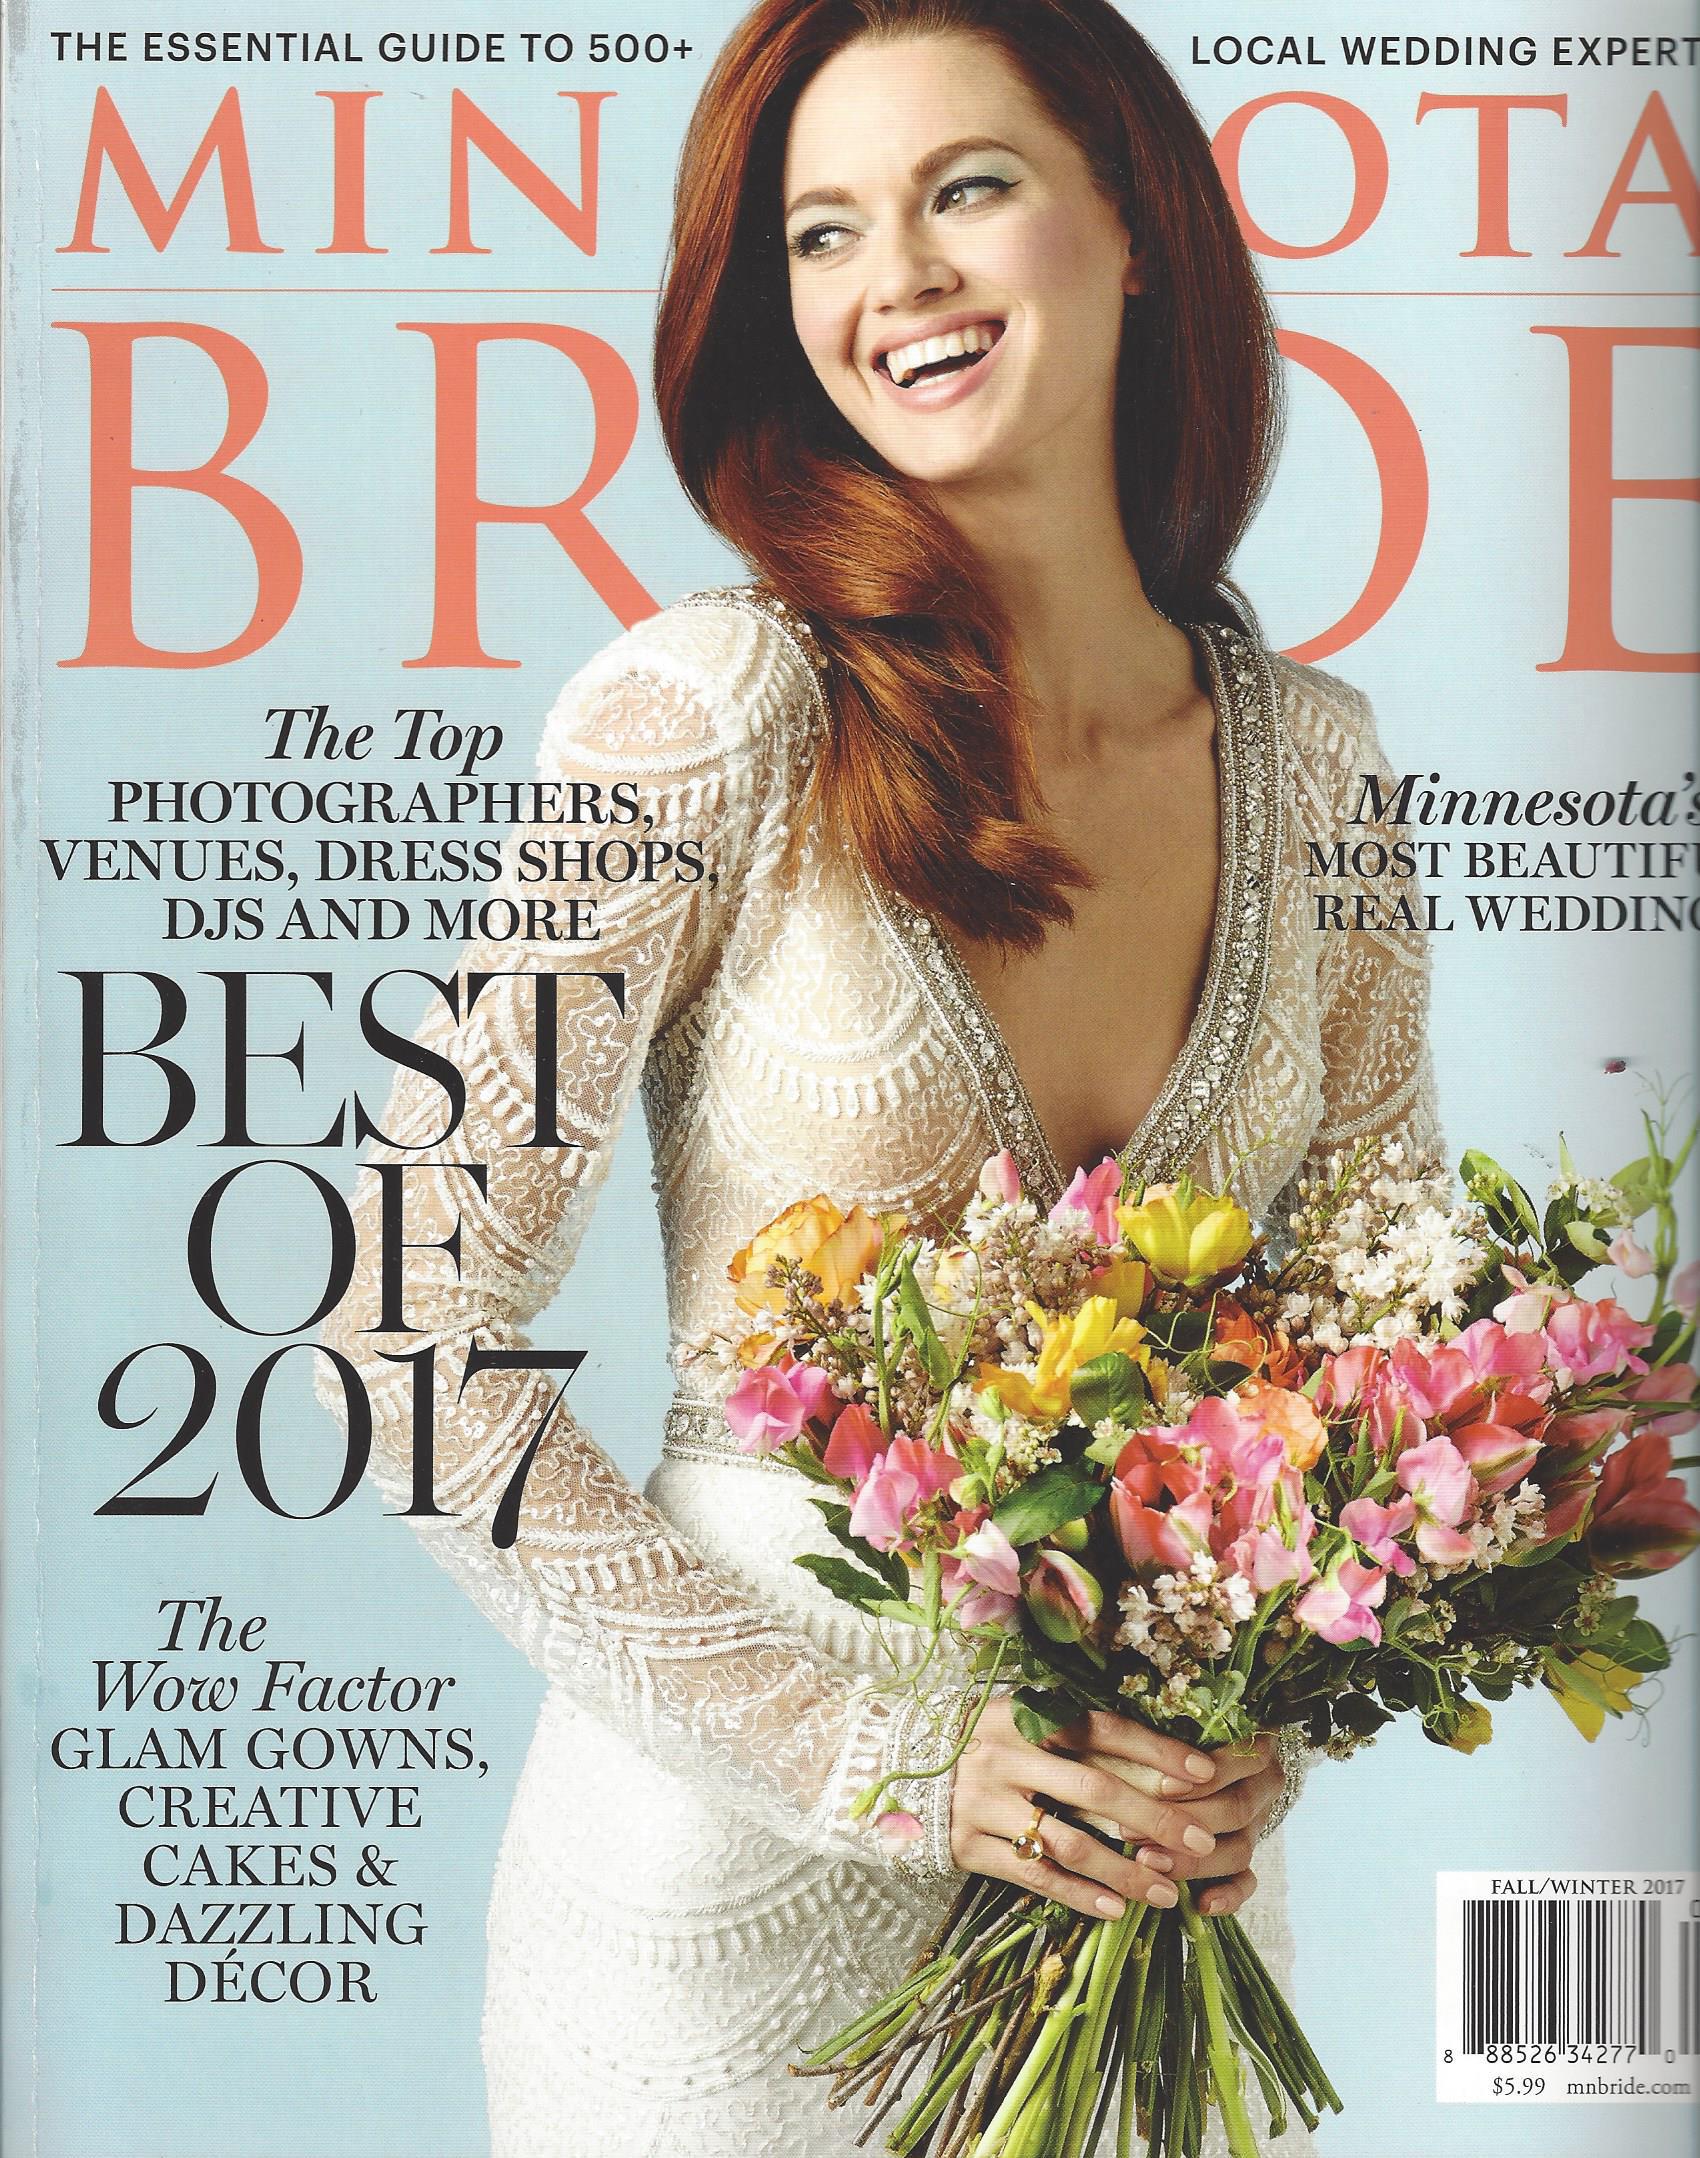 MN_Bride_Magazine_Spring_Summer_issue_2017.jpg